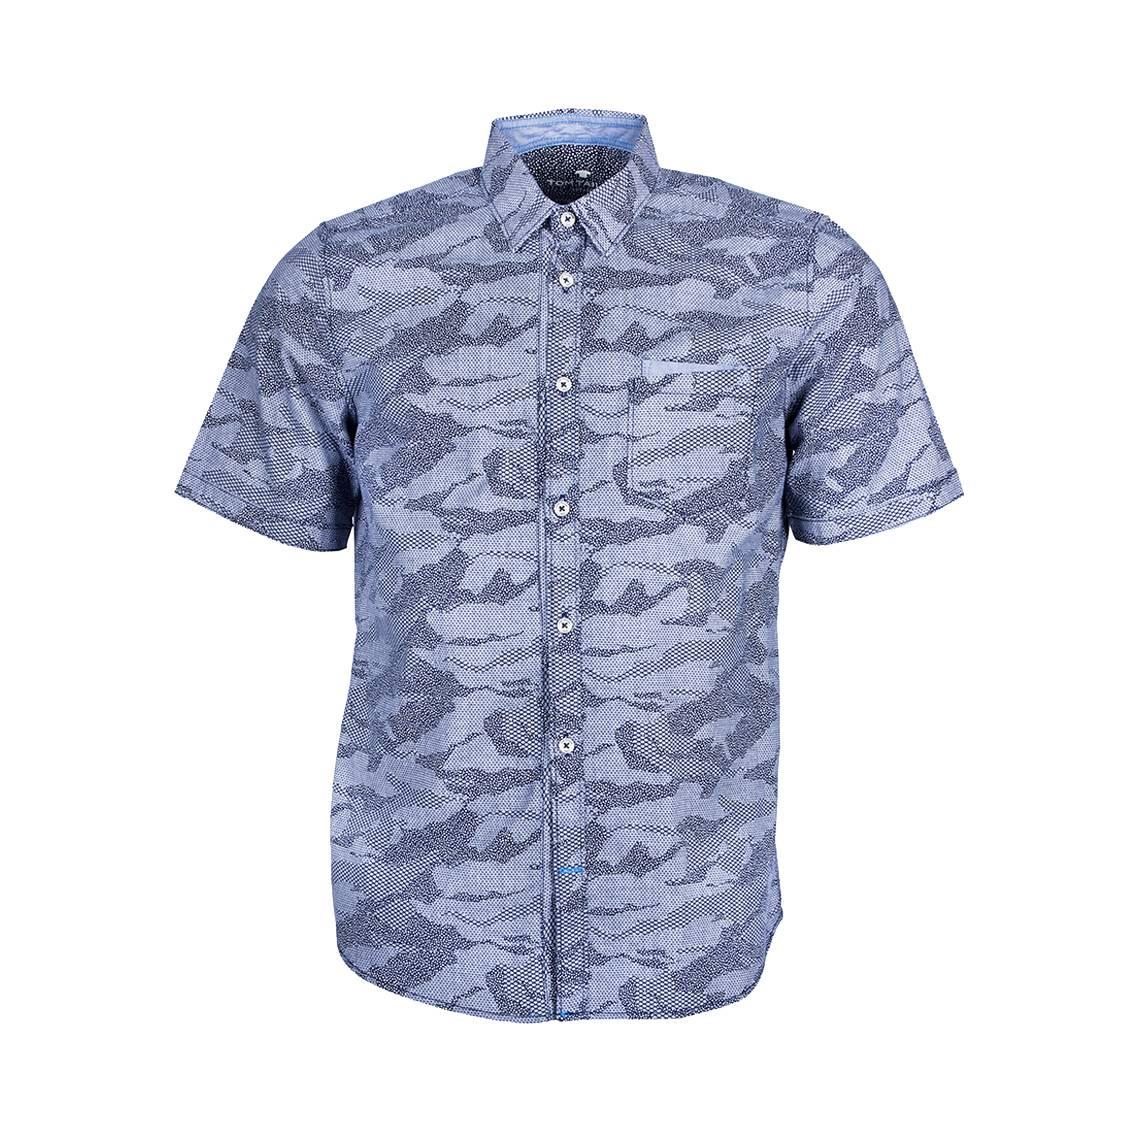 Chemise ajustée manches courtes  ray en coton à imprimé camouflage bleu marine fantaisie